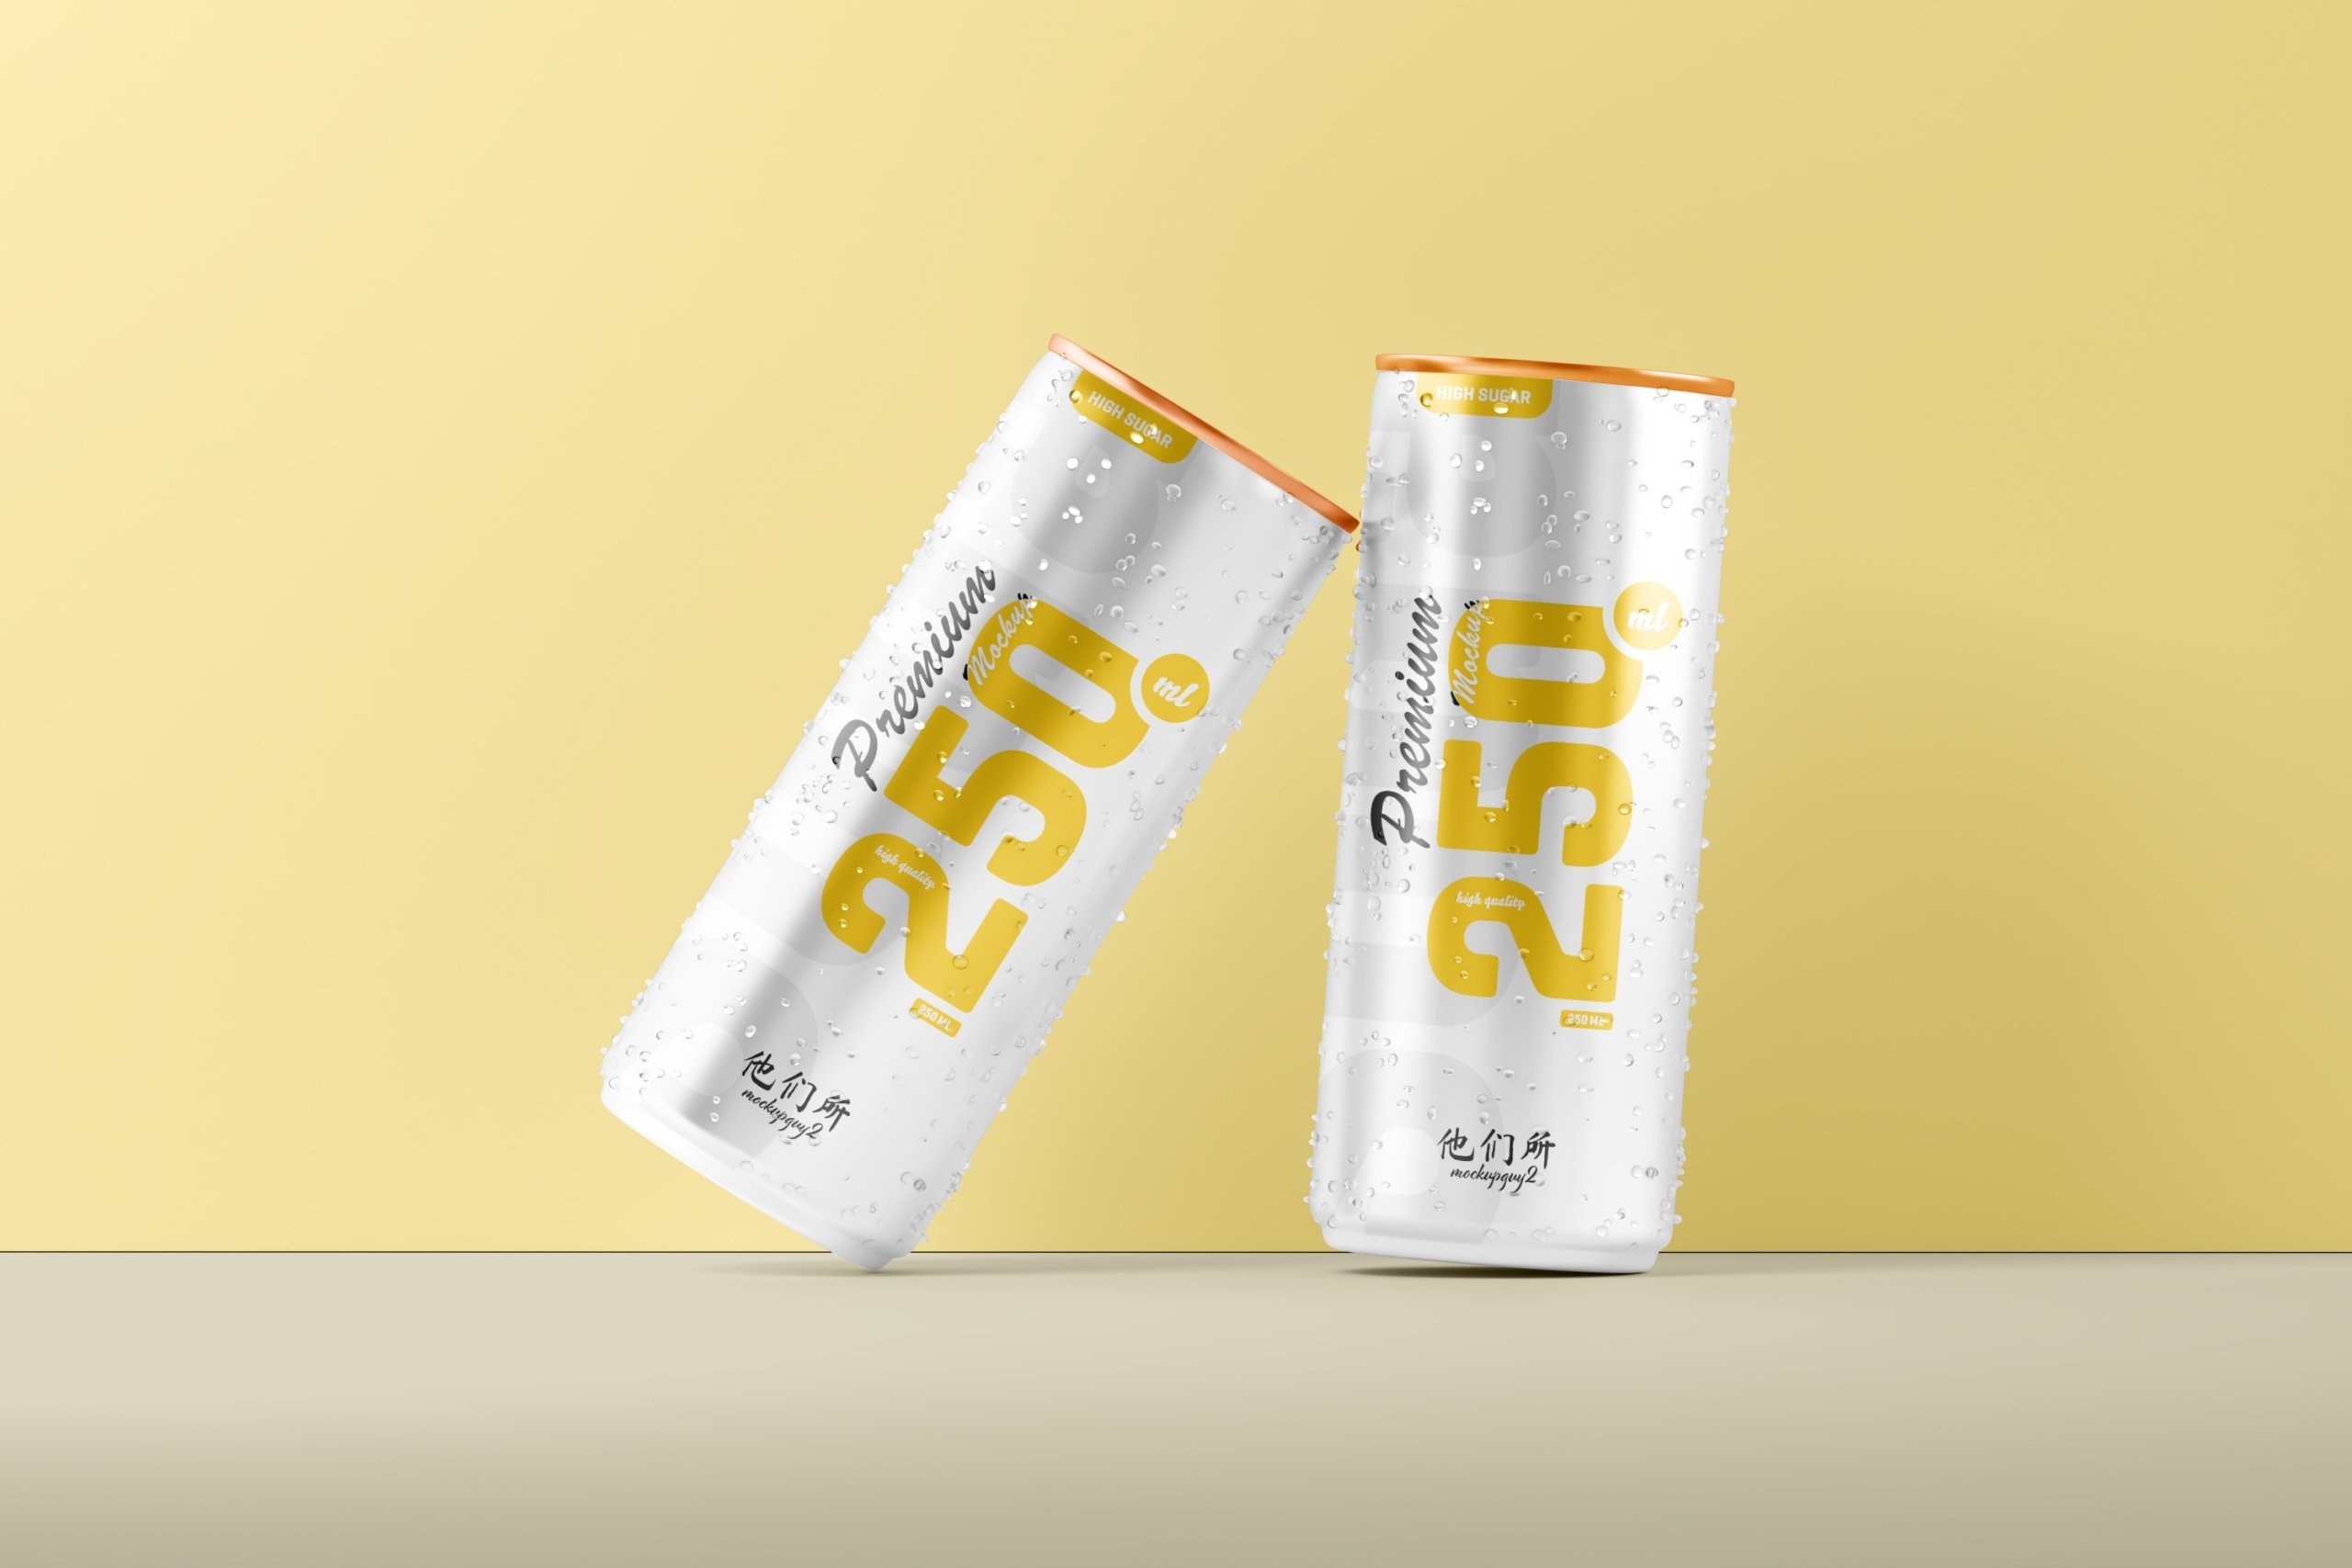 10款250ml啤酒饮料苏打水锡罐易拉罐设计展示样机 250ml Soda Can Mockup插图11